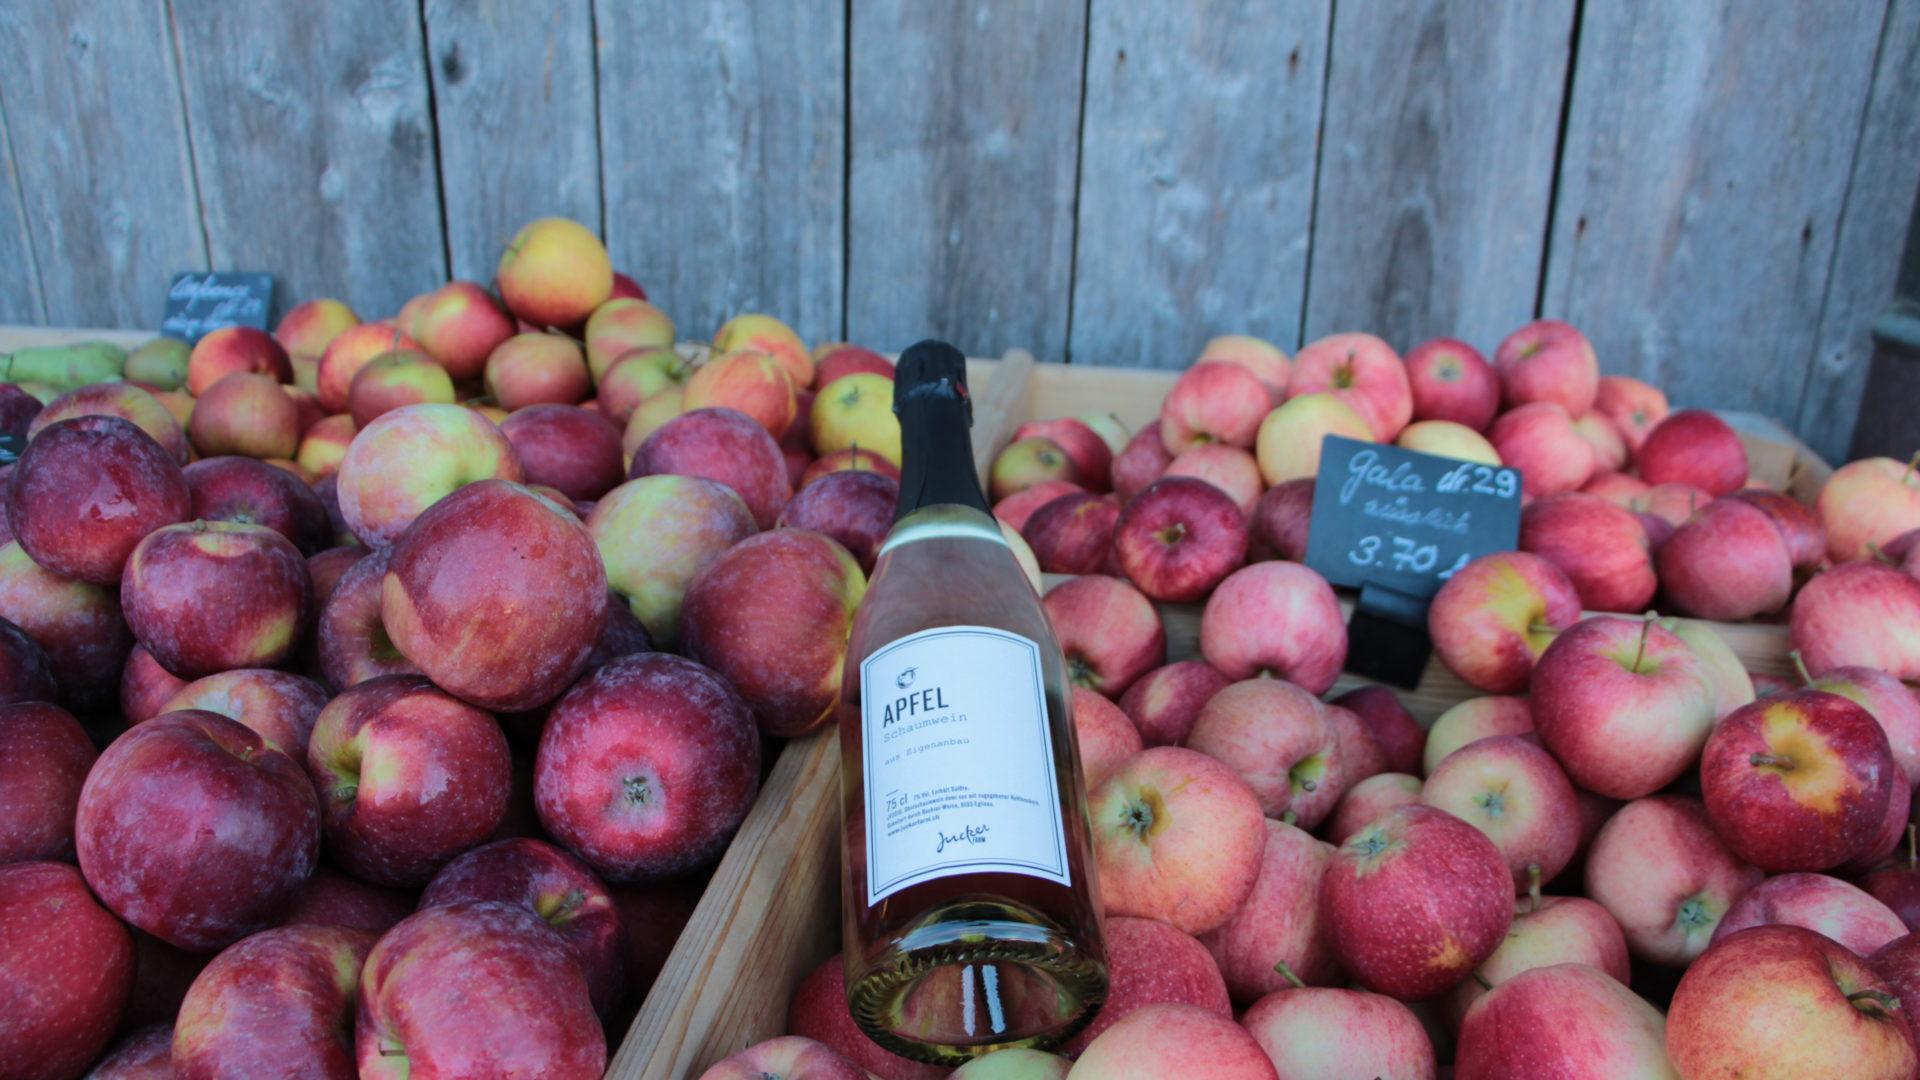 Apfelschaumwein inmitten von Äpfeln